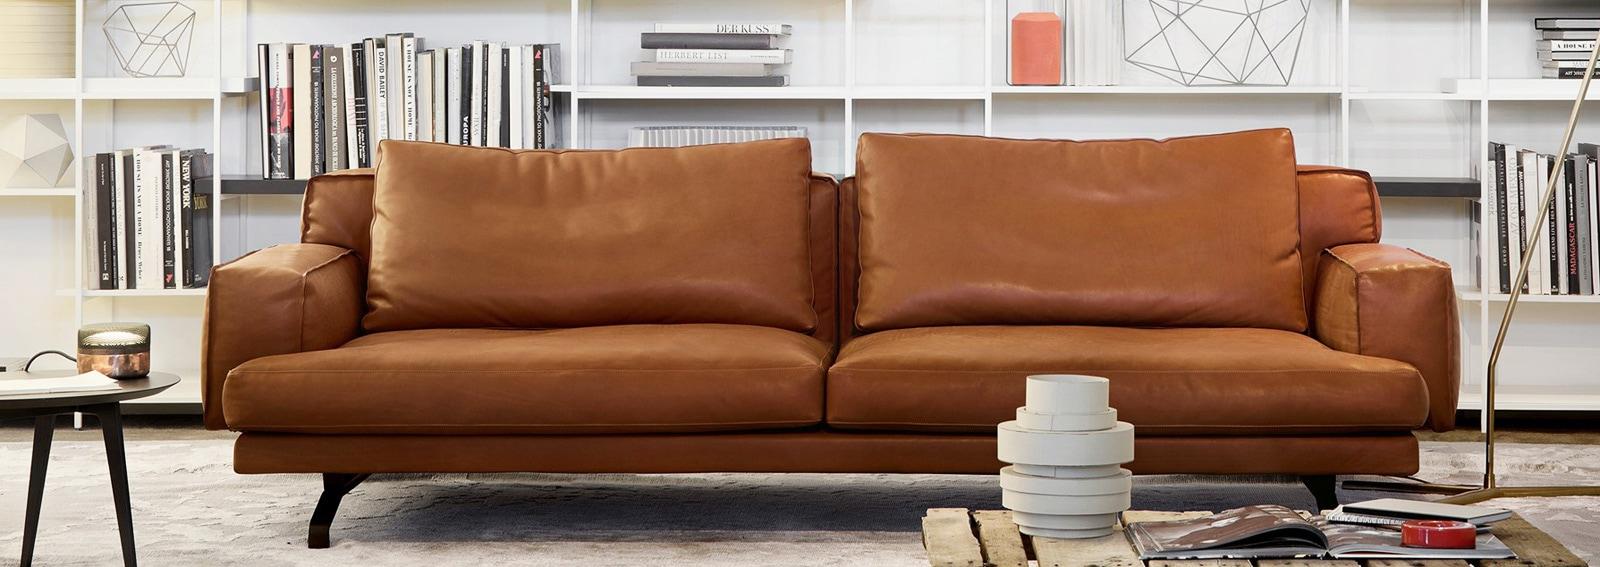 10 divani in pelle per arredare il soggiorno for Divani in pelle di design